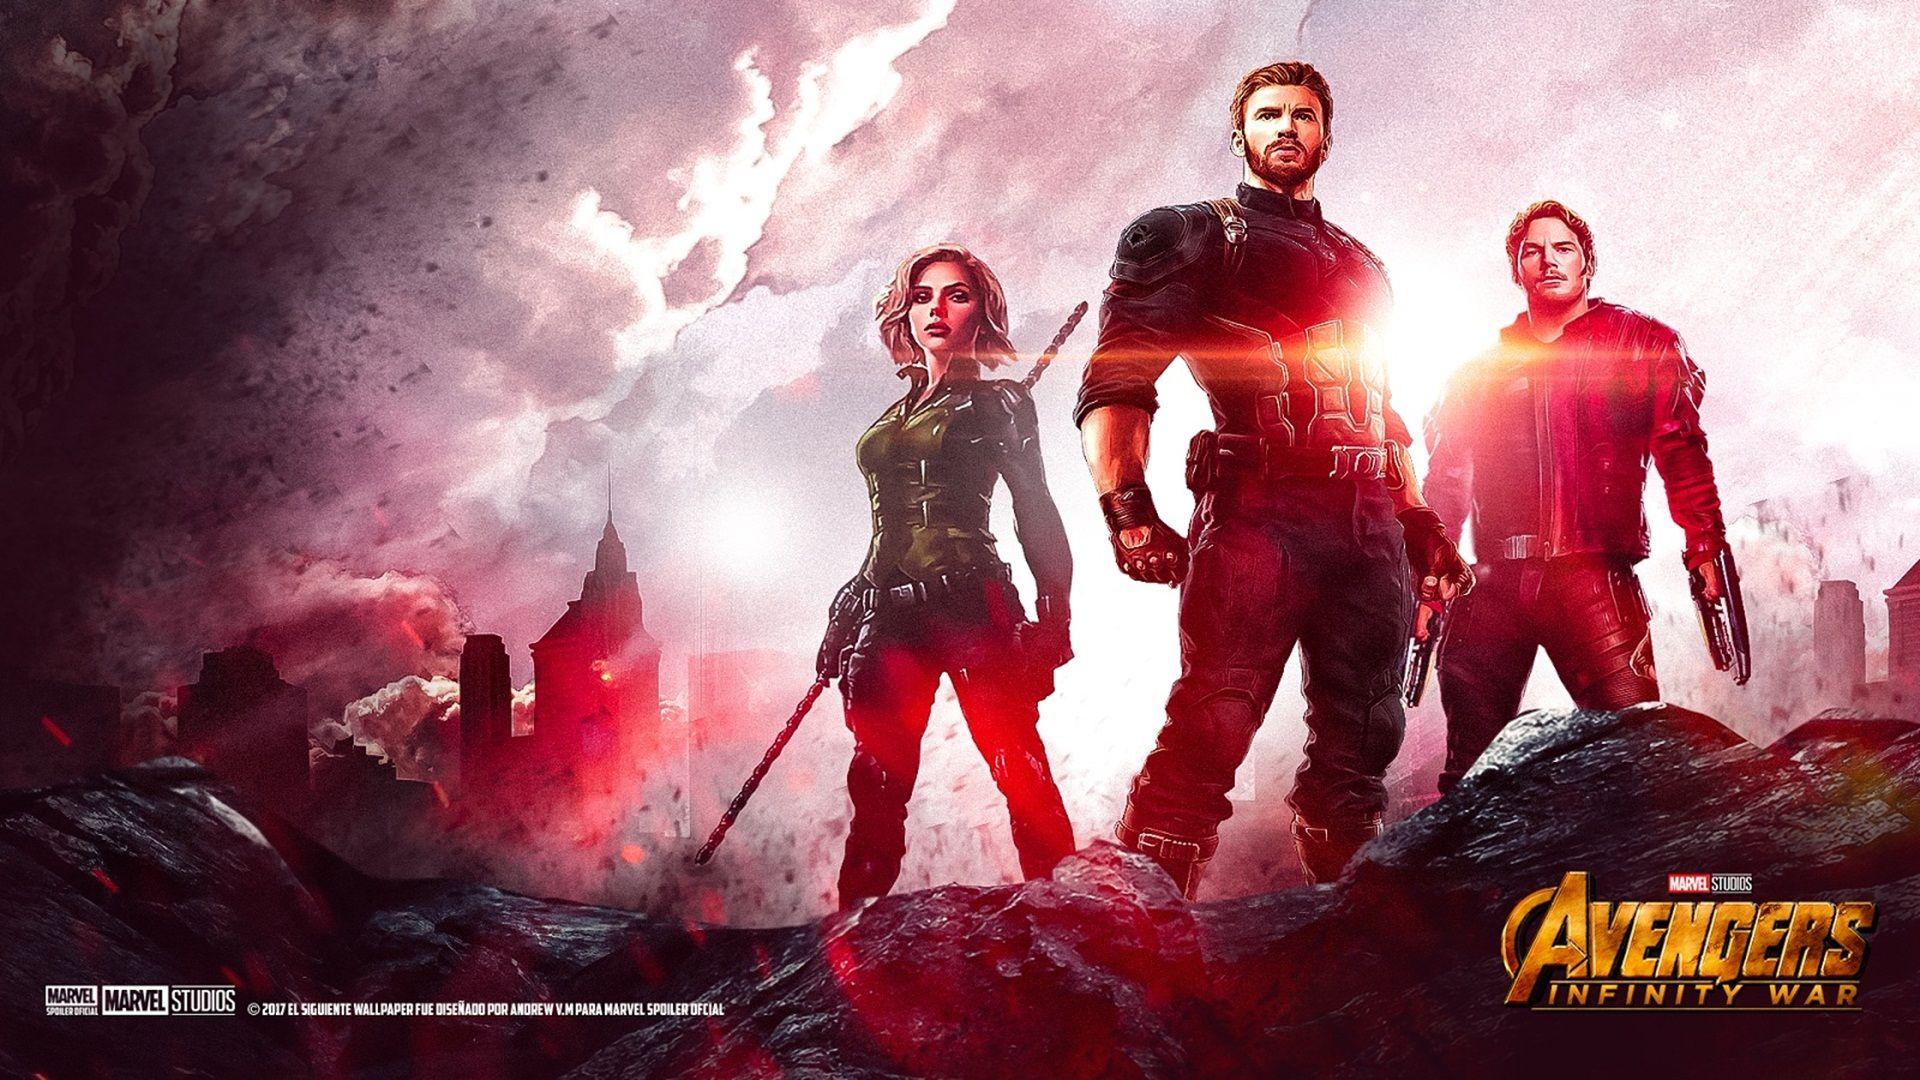 Avengers Infinity War wallpaper 9